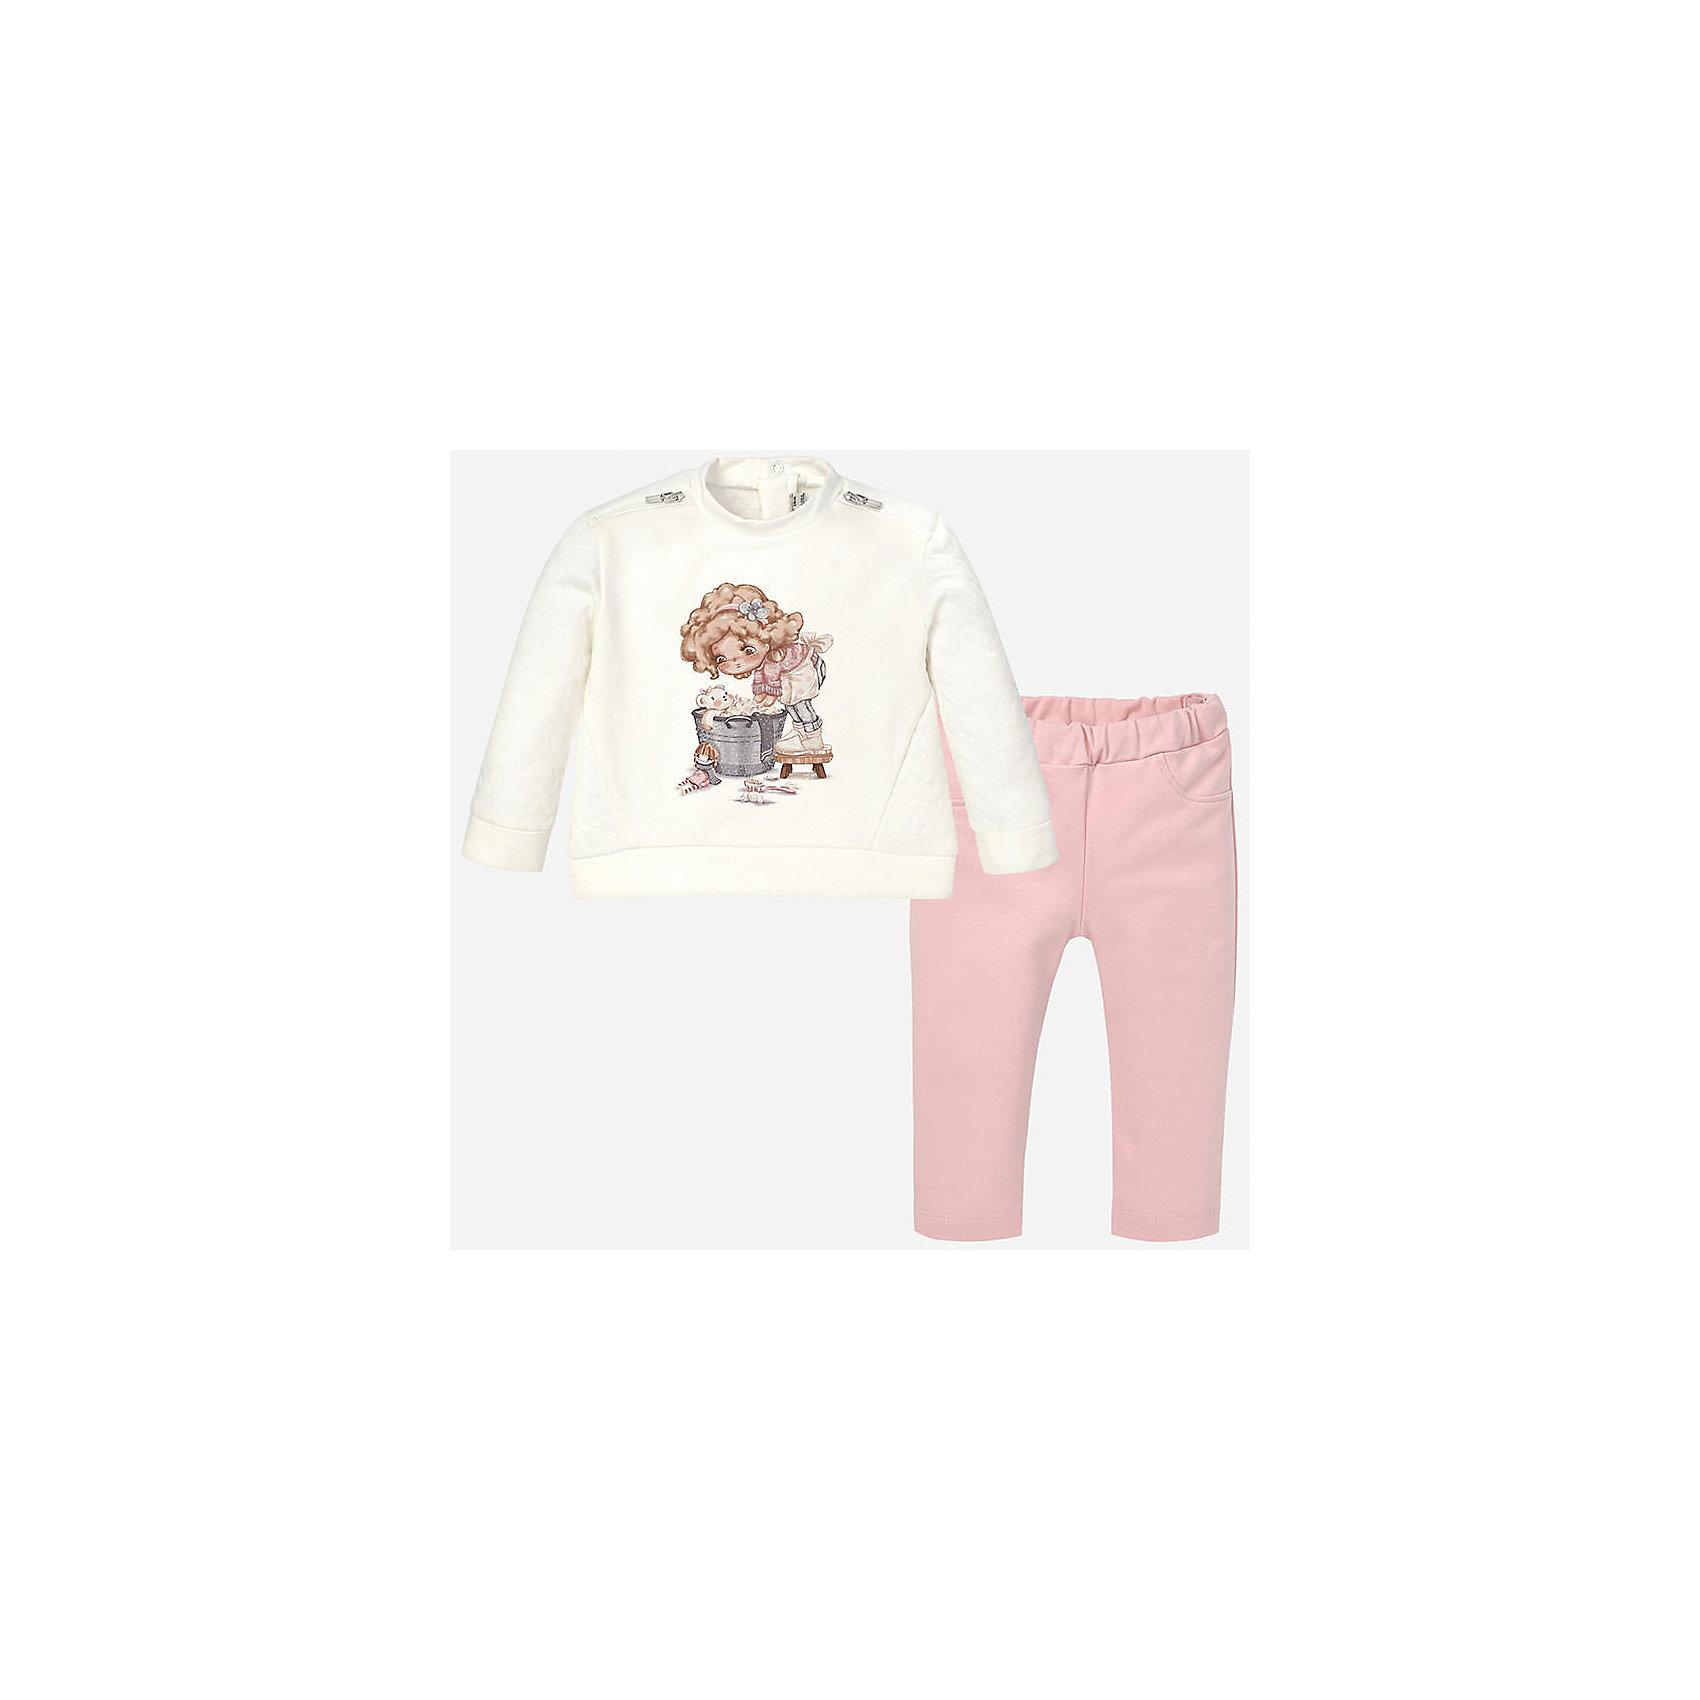 Комплект: футболка с длинным рукавом и леггинсы для девочки MayoralКомплект лонгслив+леггинсы нежного розового  цвета торговой марки    Майорал -Mayoral. В комплект входит футболка и леггинсы. Футболка выполнена в нежных розово-белых тонах и декорирована девочкой с ведром спинке есть застежка с кнопками. Леггинсы однотонные с плотной резинкой на поясе.<br><br>Дополнительная информация: <br><br>-цвет: кремовый<br>-состав: хлопок 97%,эластан 3%<br>-длина рукава: длинные<br>-параметры брючин: ширина брючин - низ: 12 см; длина по внутреннему шву: 21 см<br>-вид застежки: без застежки<br>-покрой: прямой<br>-фактура материала: трикотажный<br>-тип карманов: без карманов<br>-уход за вещами: бережная стирка при 30 градусах<br>-рисунок: без рисунка<br>-длина изделия: верх: 40 см; низ: 35 см<br>-плотность: утеплителя: 0 г/кв.м<br>-утеплитель: без утепления<br>-назначение: повседневная<br>-сезон: круглогодичный<br>-пол: девочки<br>-страна бренда: Испания<br>-страна производитель: Индия<br>-комплектация: леггинсы<br><br>Комплект торговой марки    Майорал  можно купить в нашем интернет-магазине.<br><br>Ширина мм: 123<br>Глубина мм: 10<br>Высота мм: 149<br>Вес г: 209<br>Цвет: фиолетовый<br>Возраст от месяцев: 18<br>Возраст до месяцев: 24<br>Пол: Женский<br>Возраст: Детский<br>Размер: 92,74,86,80<br>SKU: 4846184